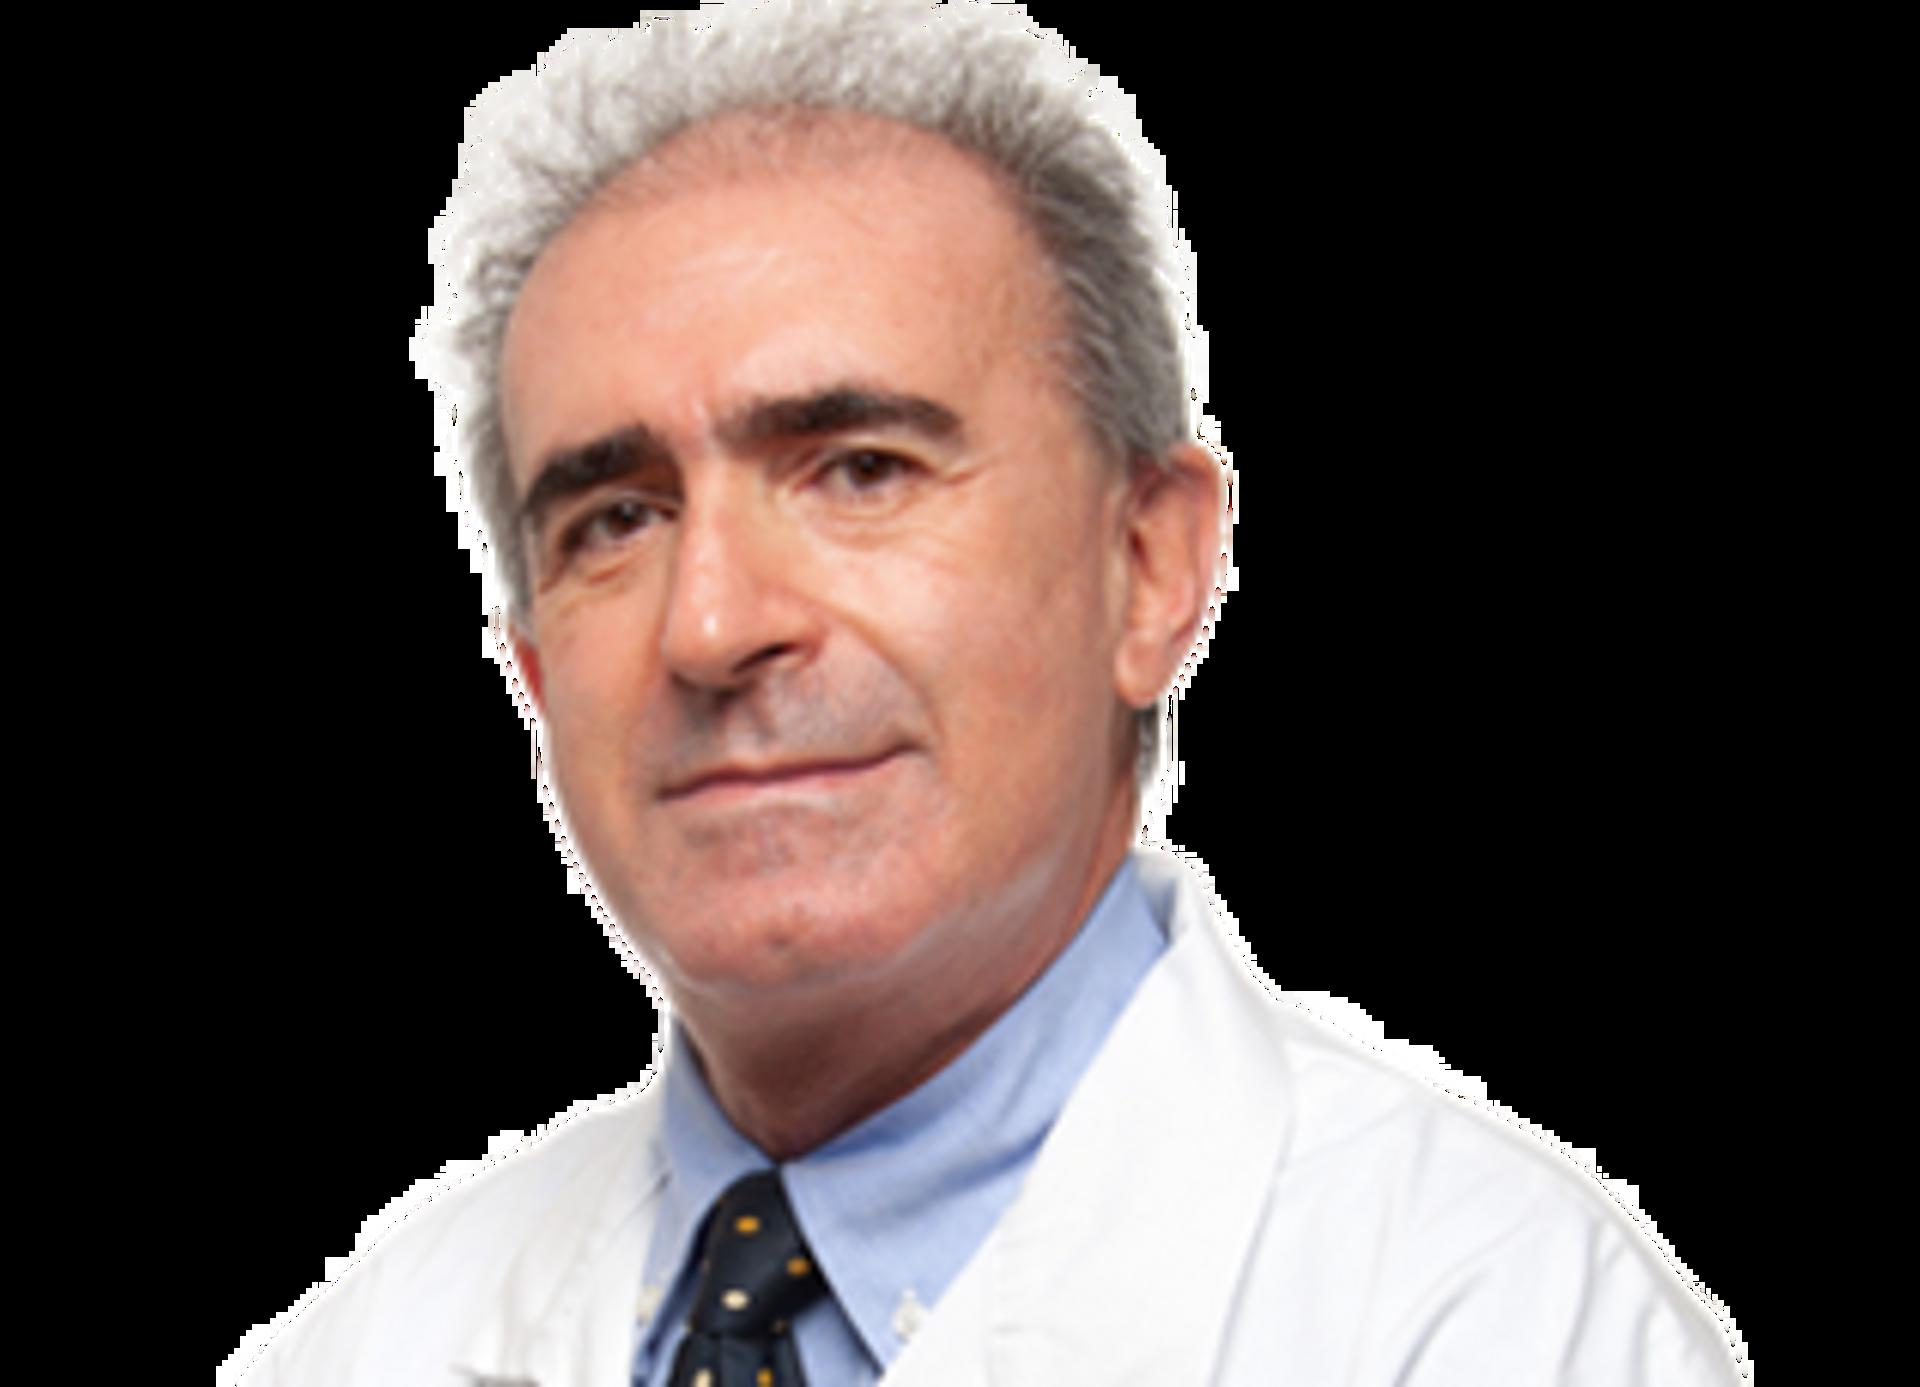 Prof. Roberto Giacomelli, Professore Ordinario di Reumatologia, Direttore UOC di Immunoreumatologia Università Campus Biomedico di Roma - Sputnik Italia, 1920, 23.02.2021